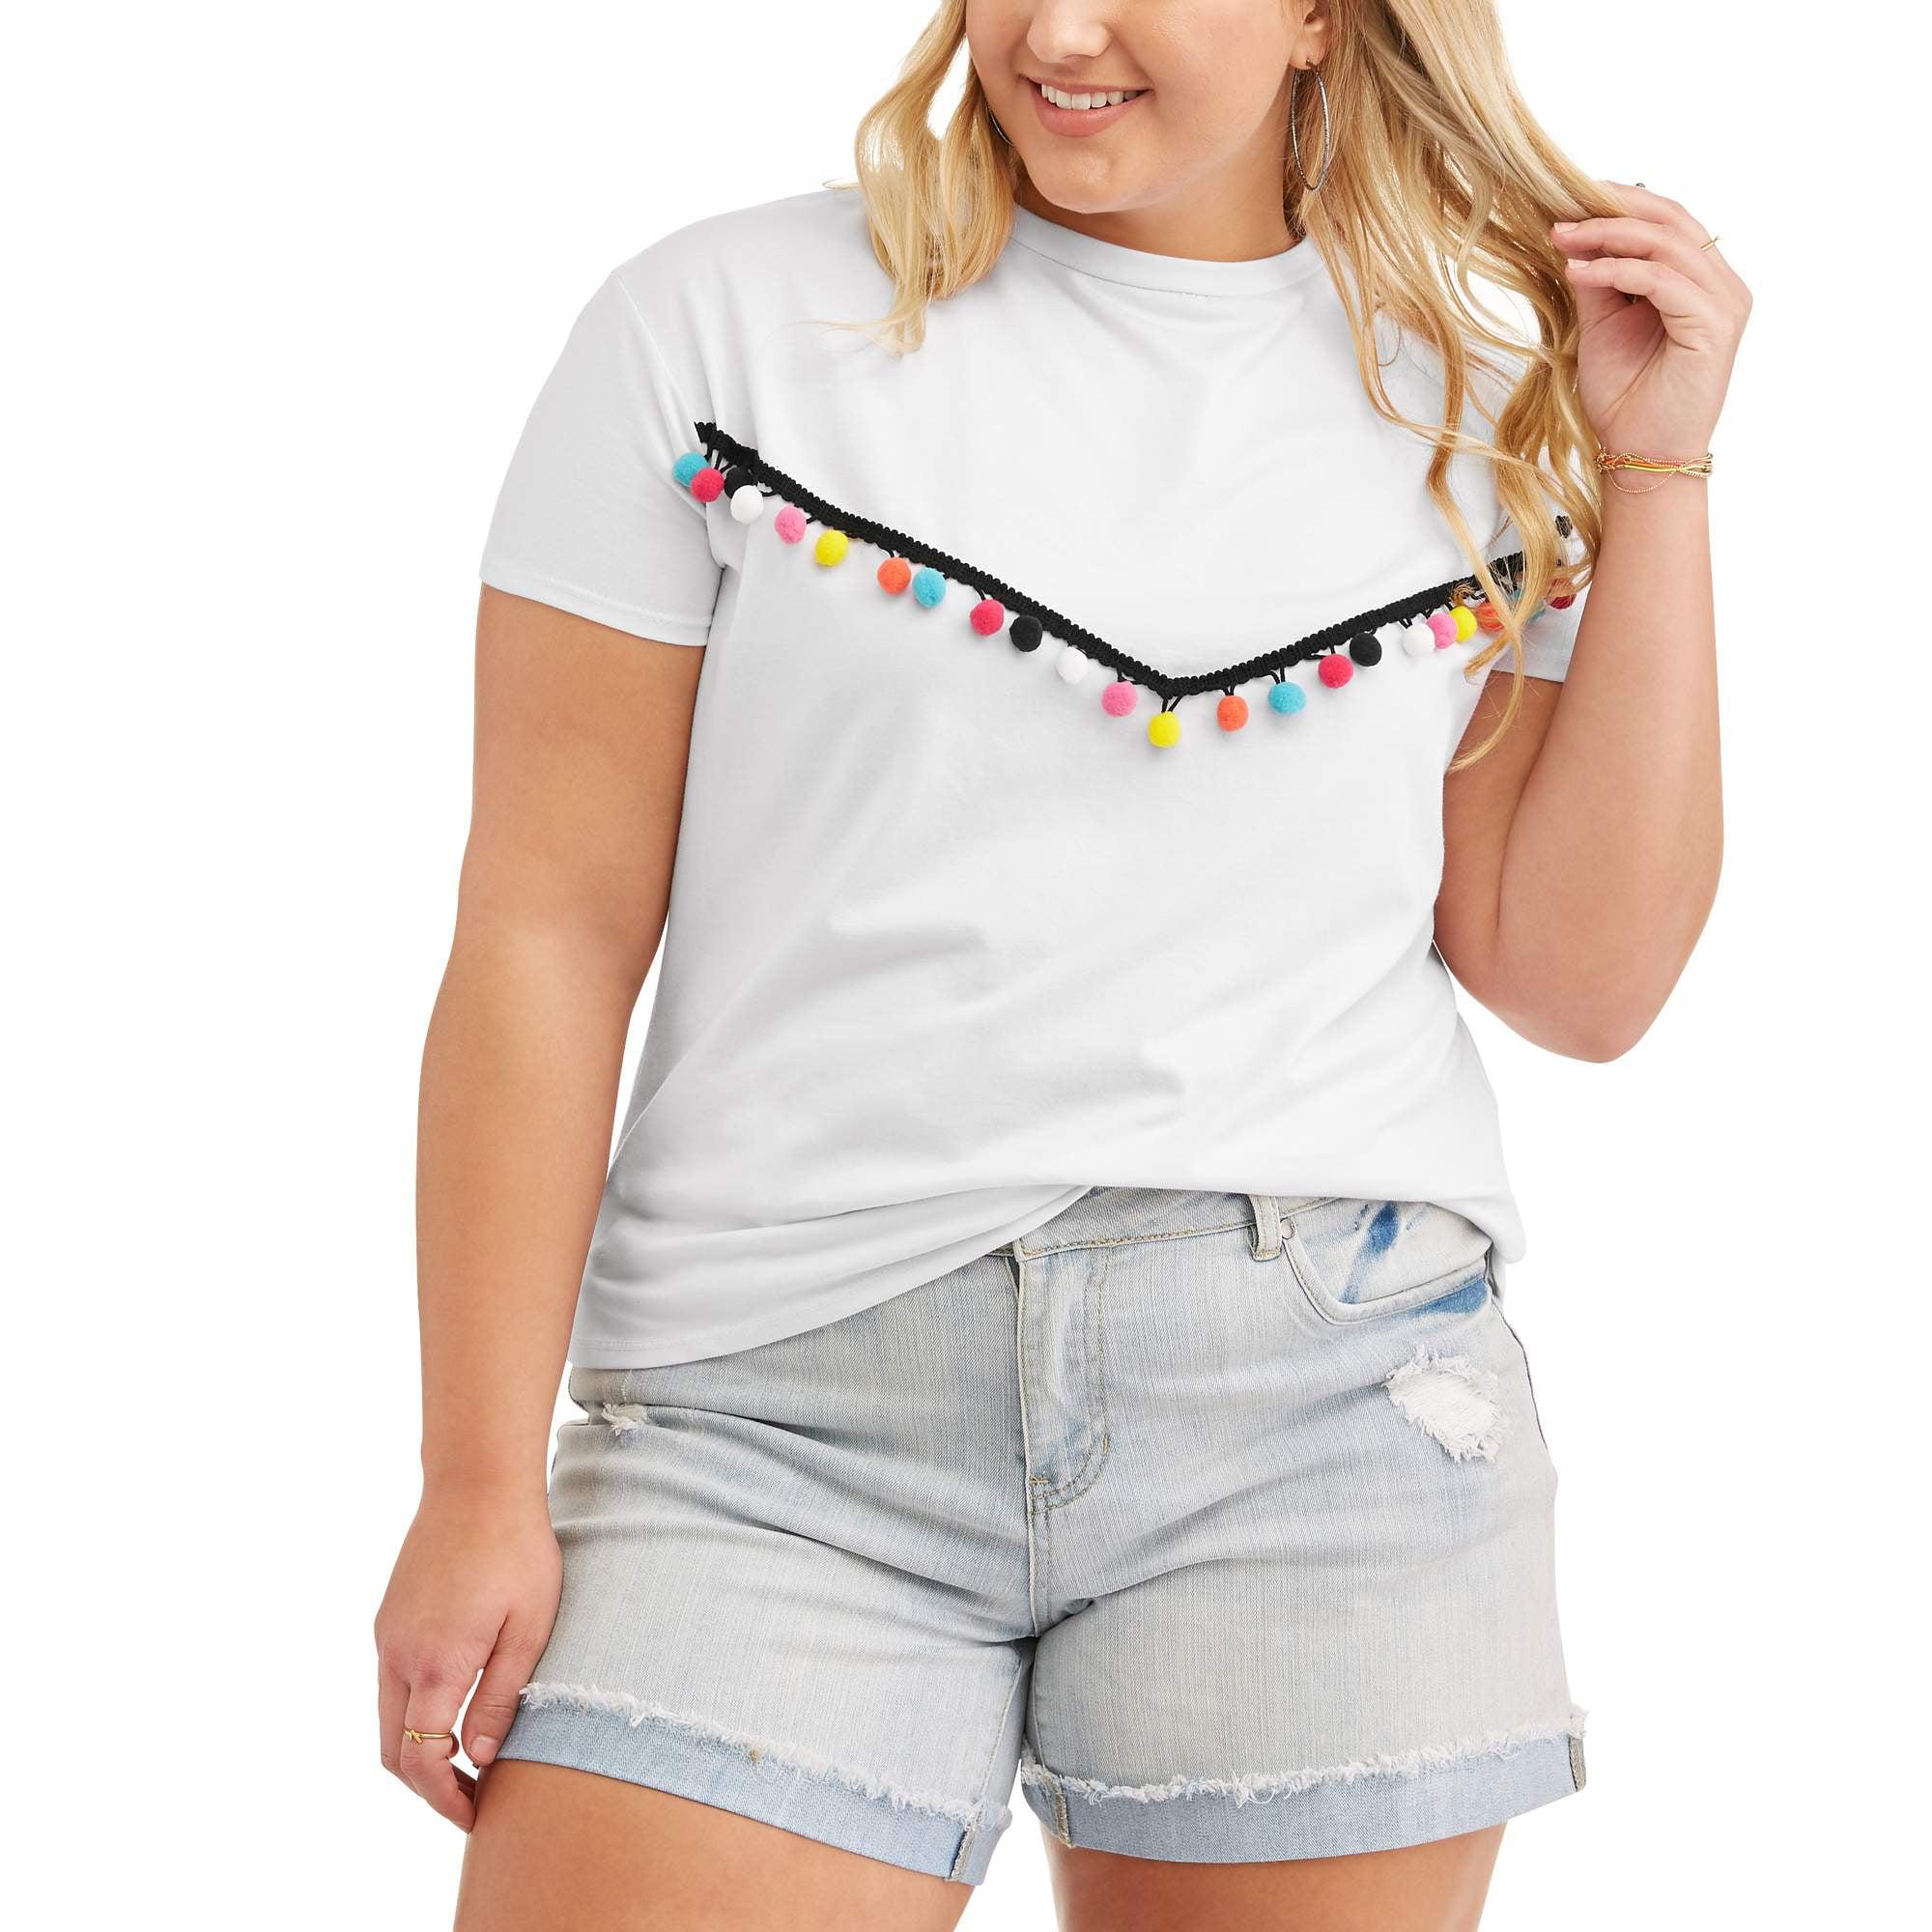 Poof Junior Plus Pom Pom T-Shirt